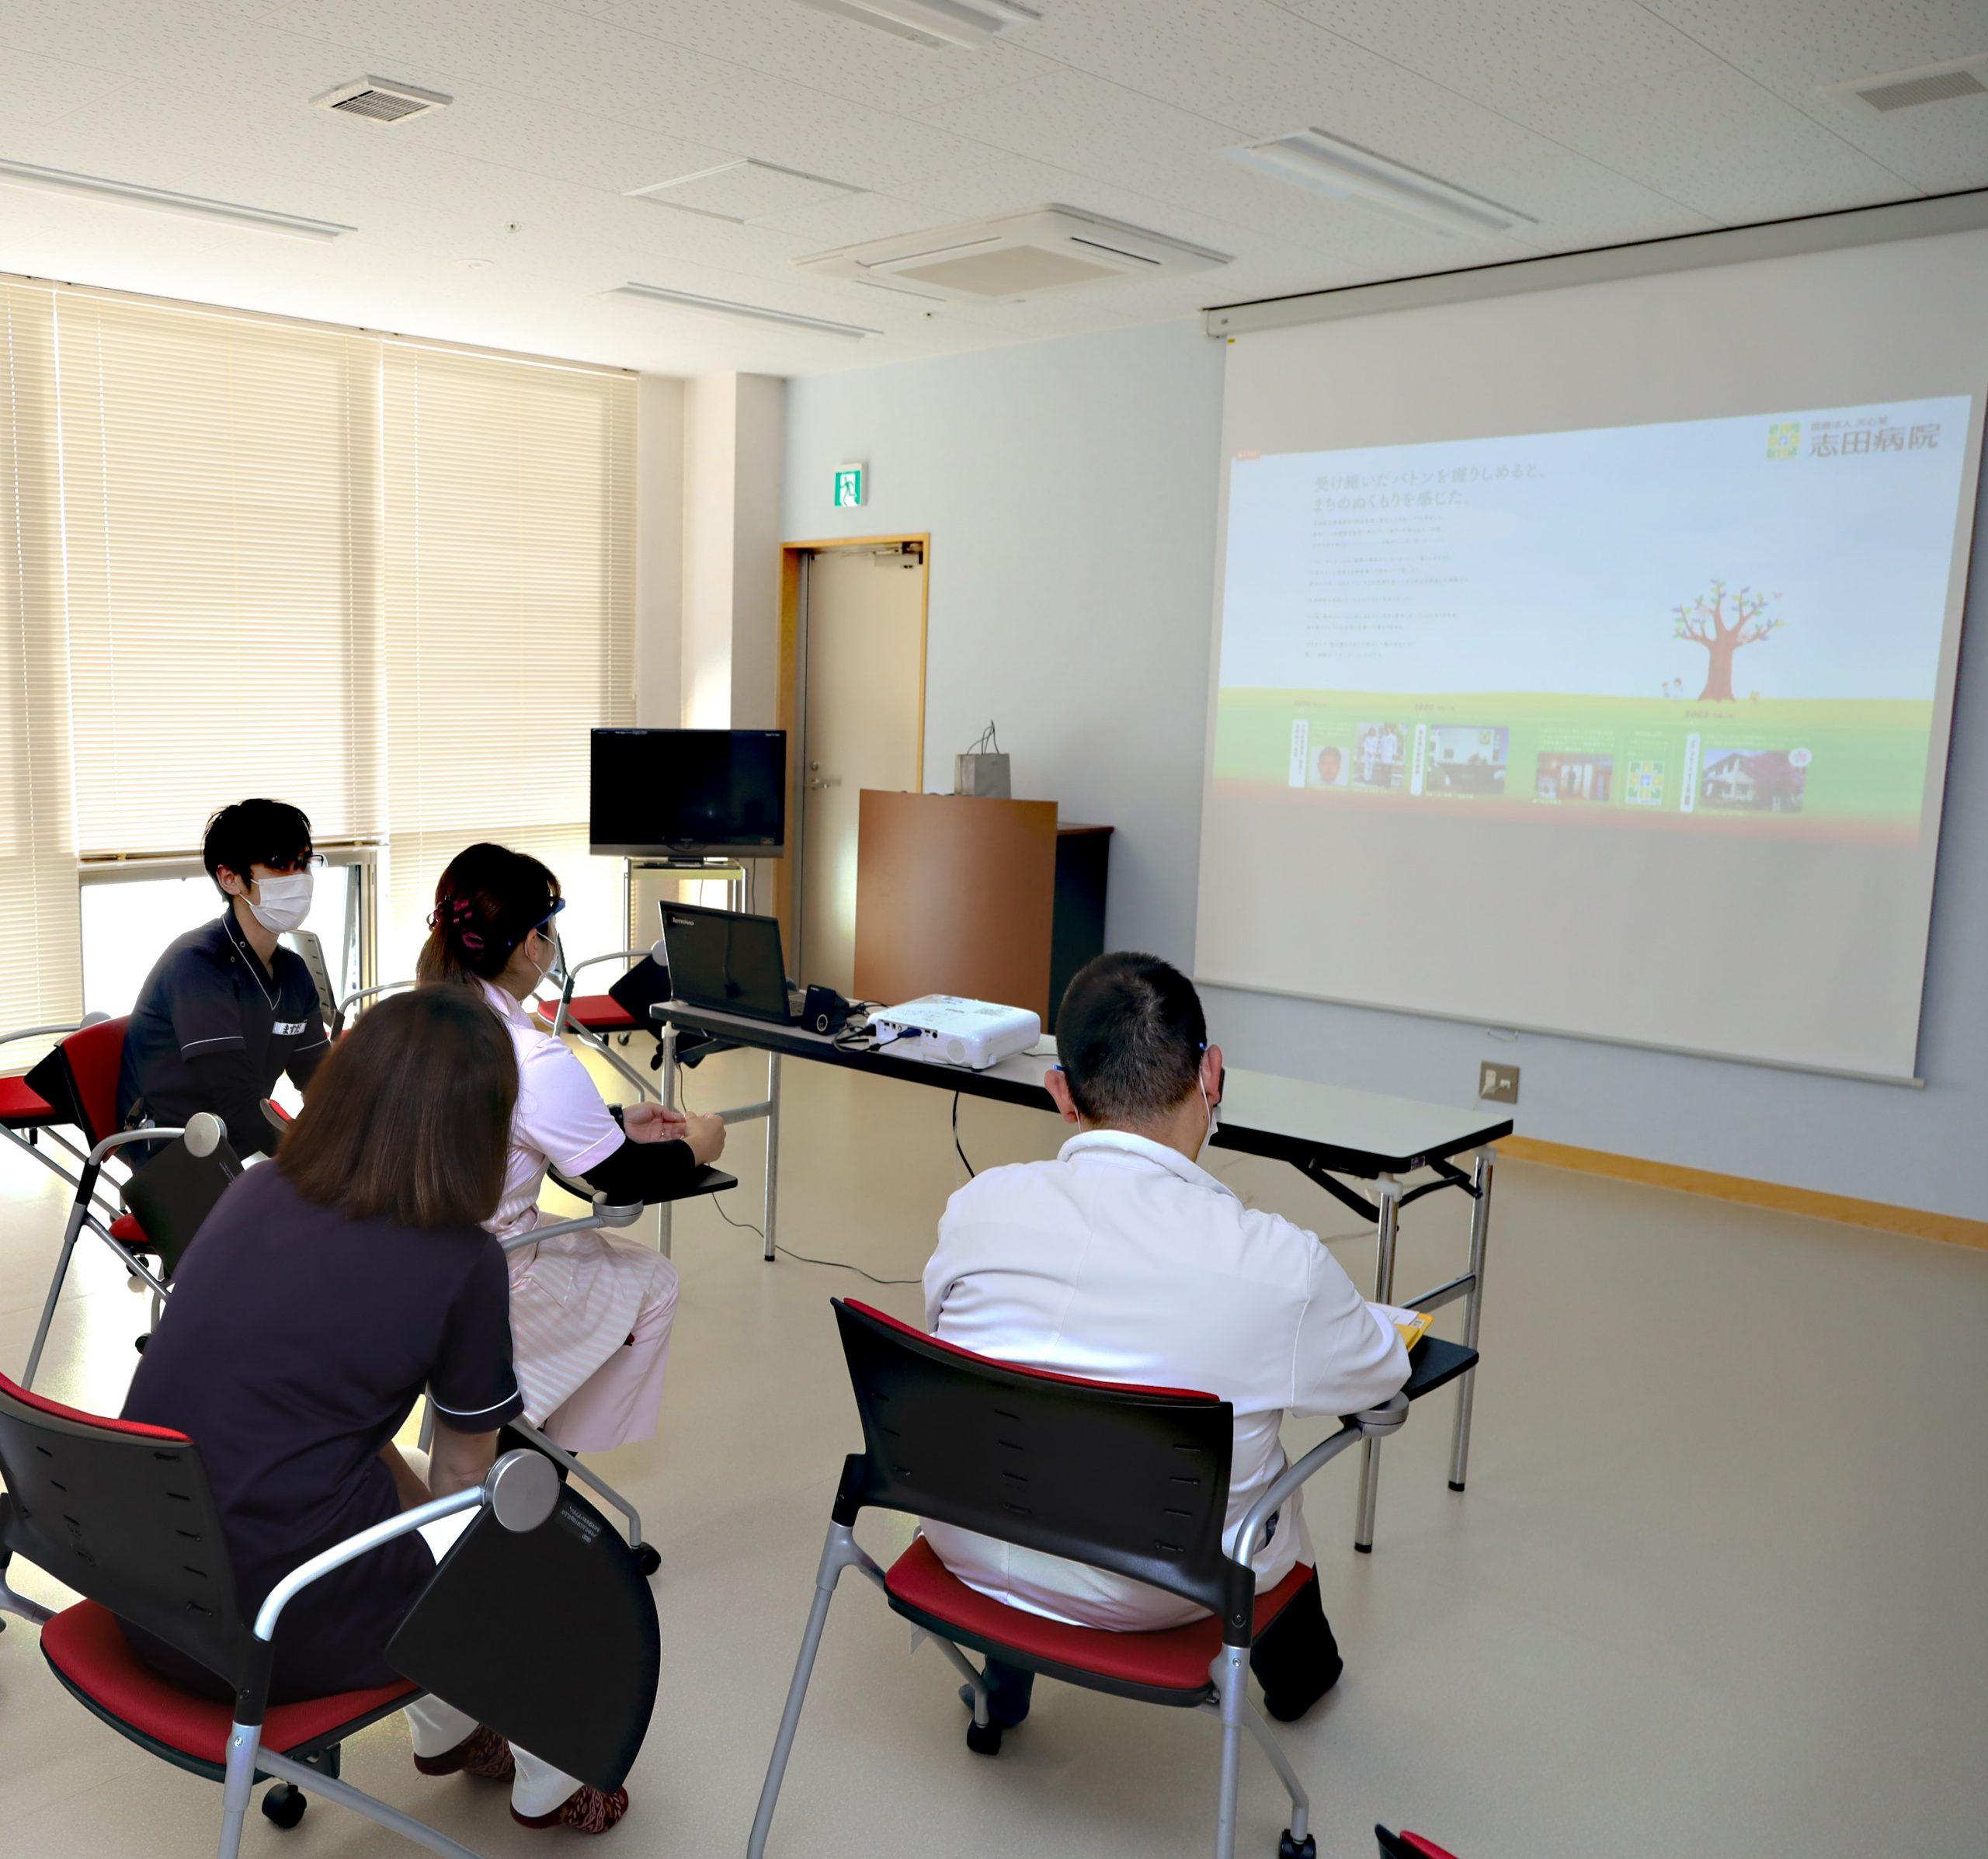 日本慢性期医療学会